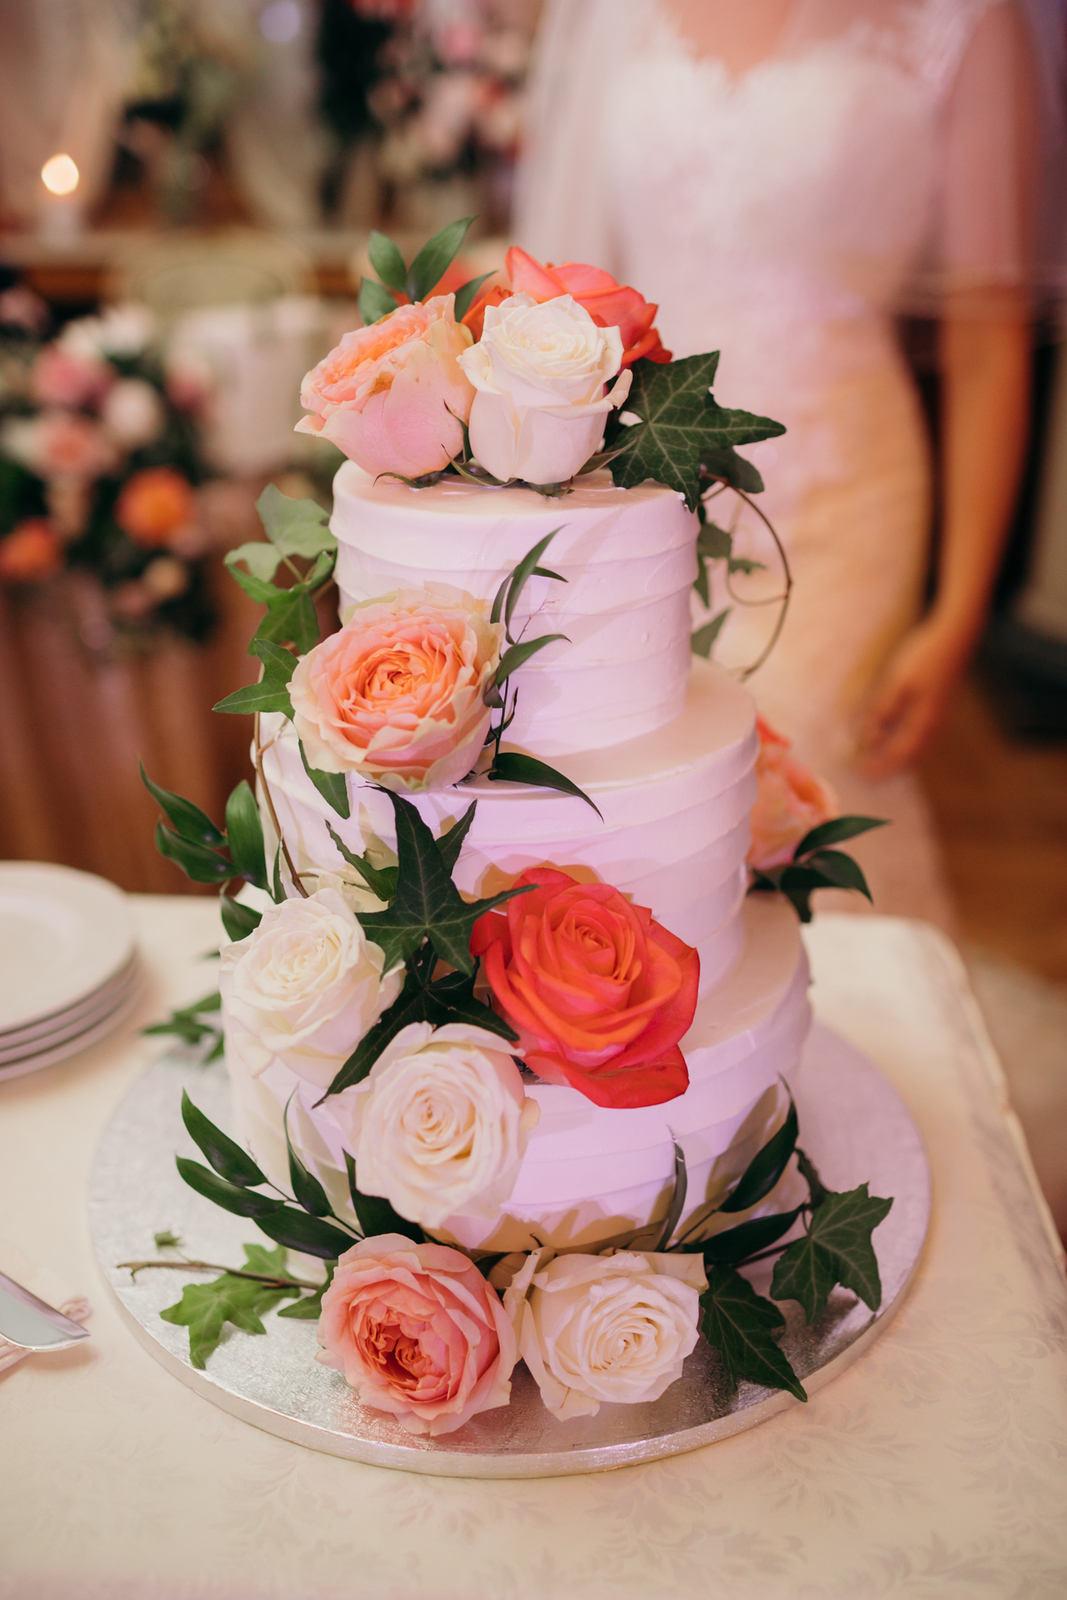 Романтичная классика: свадьба в садовой стилистике